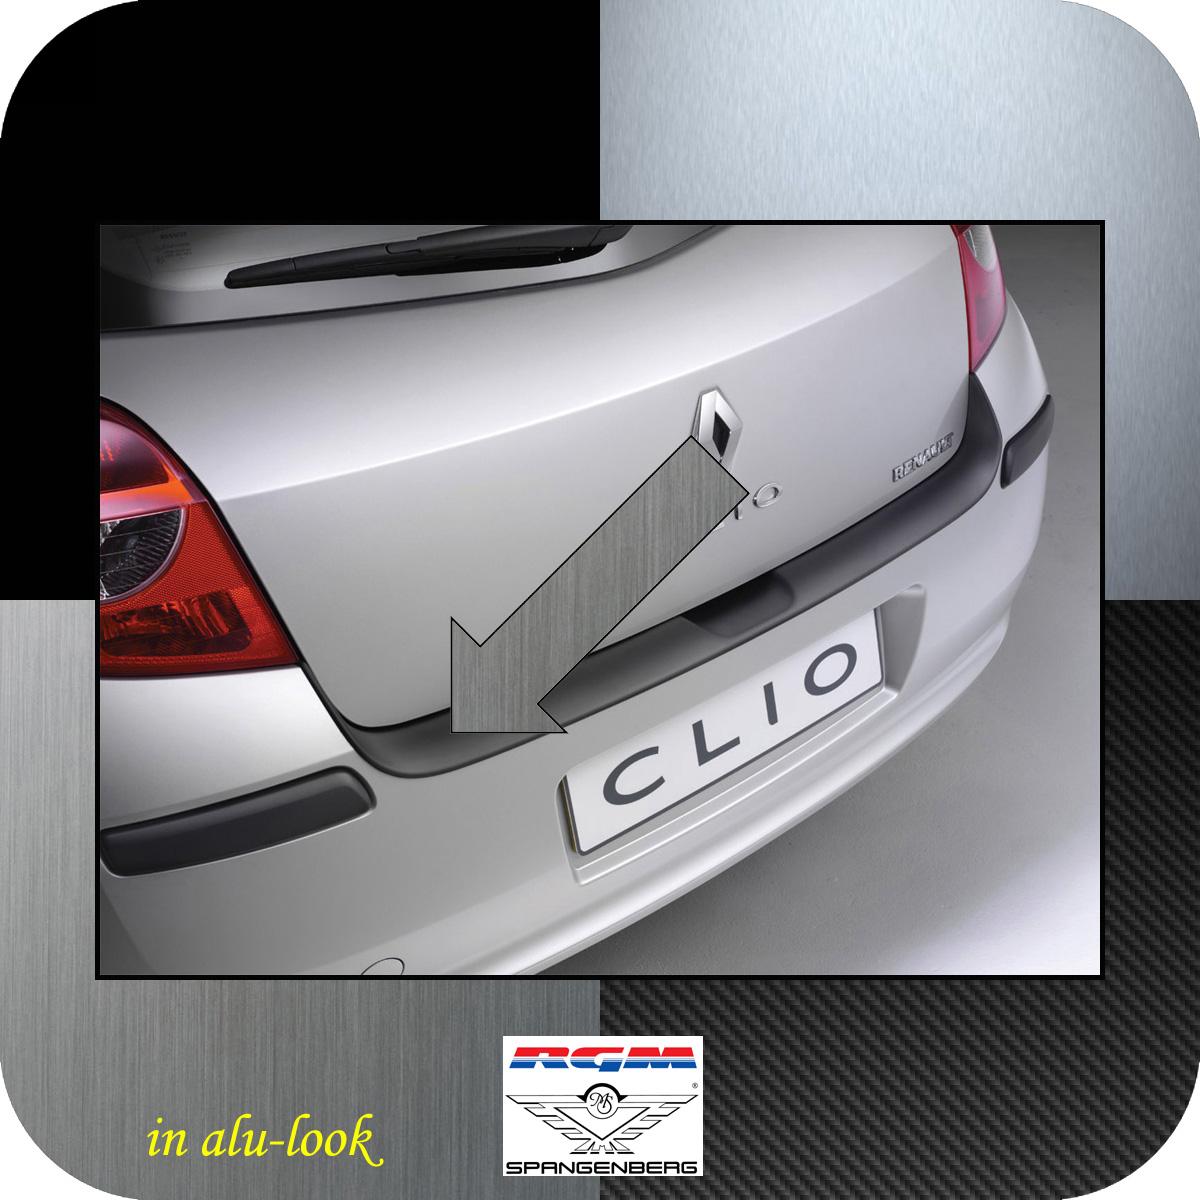 Ladekantenschutz Alu-Look Renault Clio 3 III vor facelift Bj 2005-09 3504145